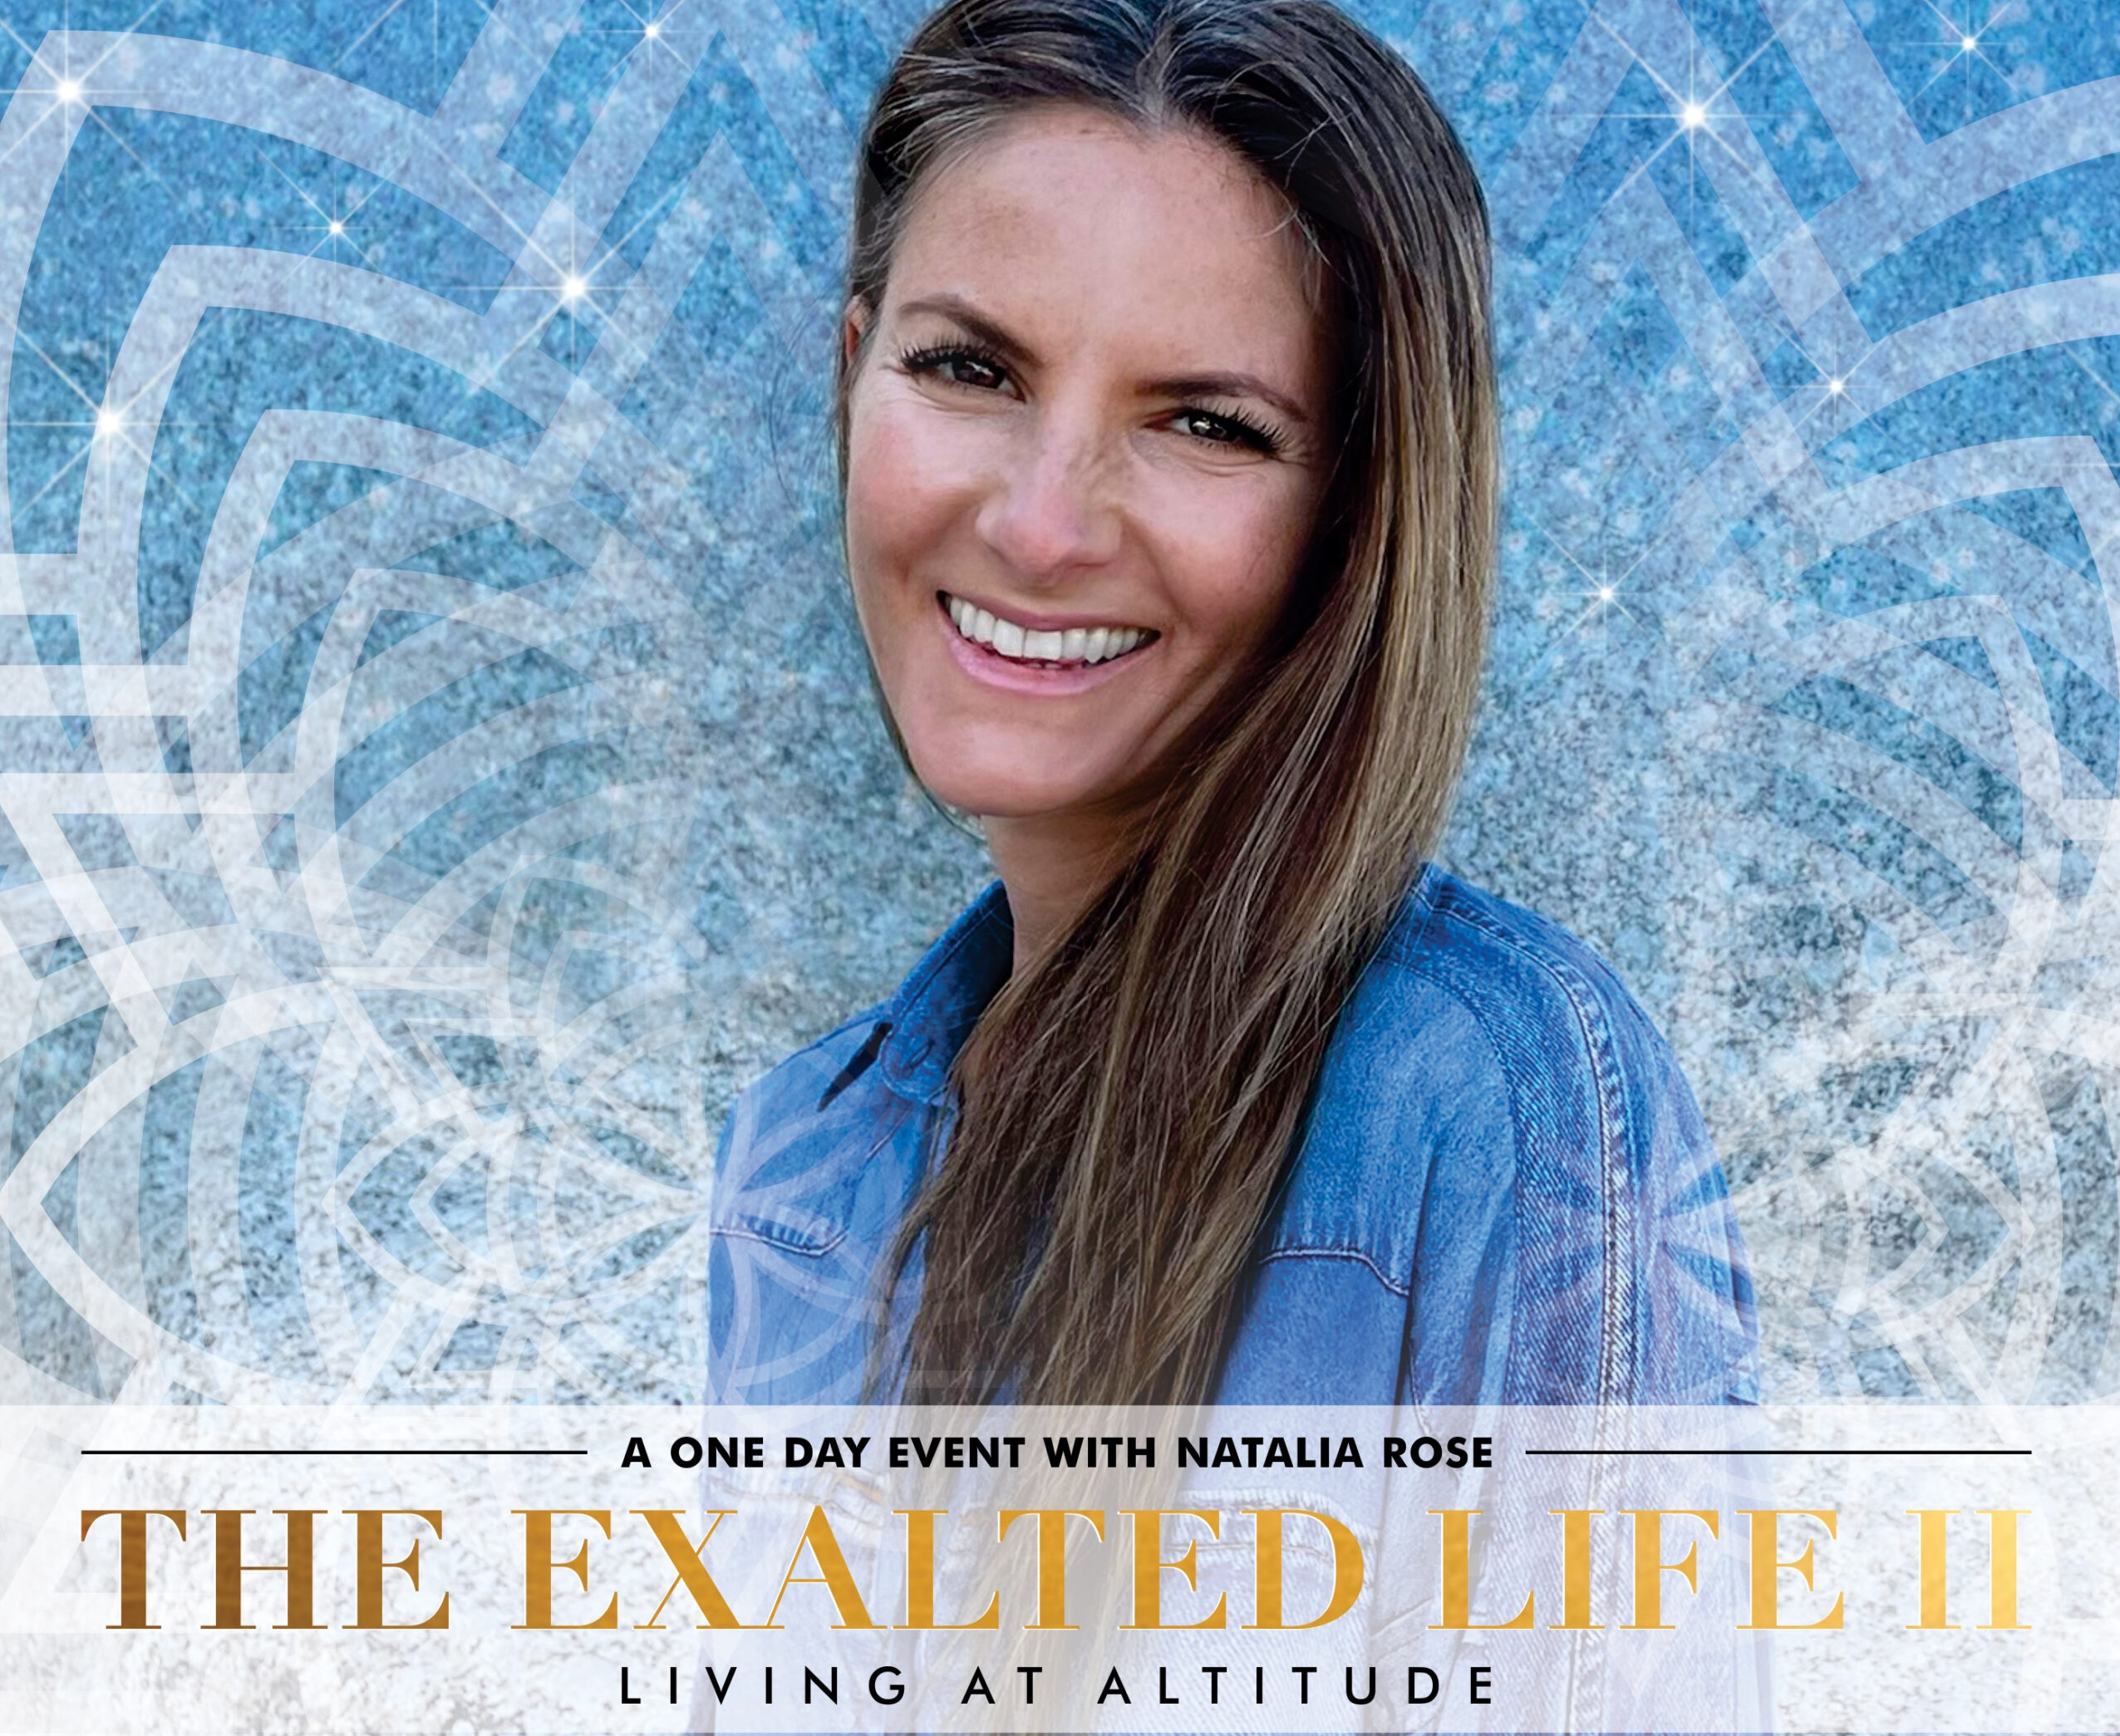 The Exalted Life II